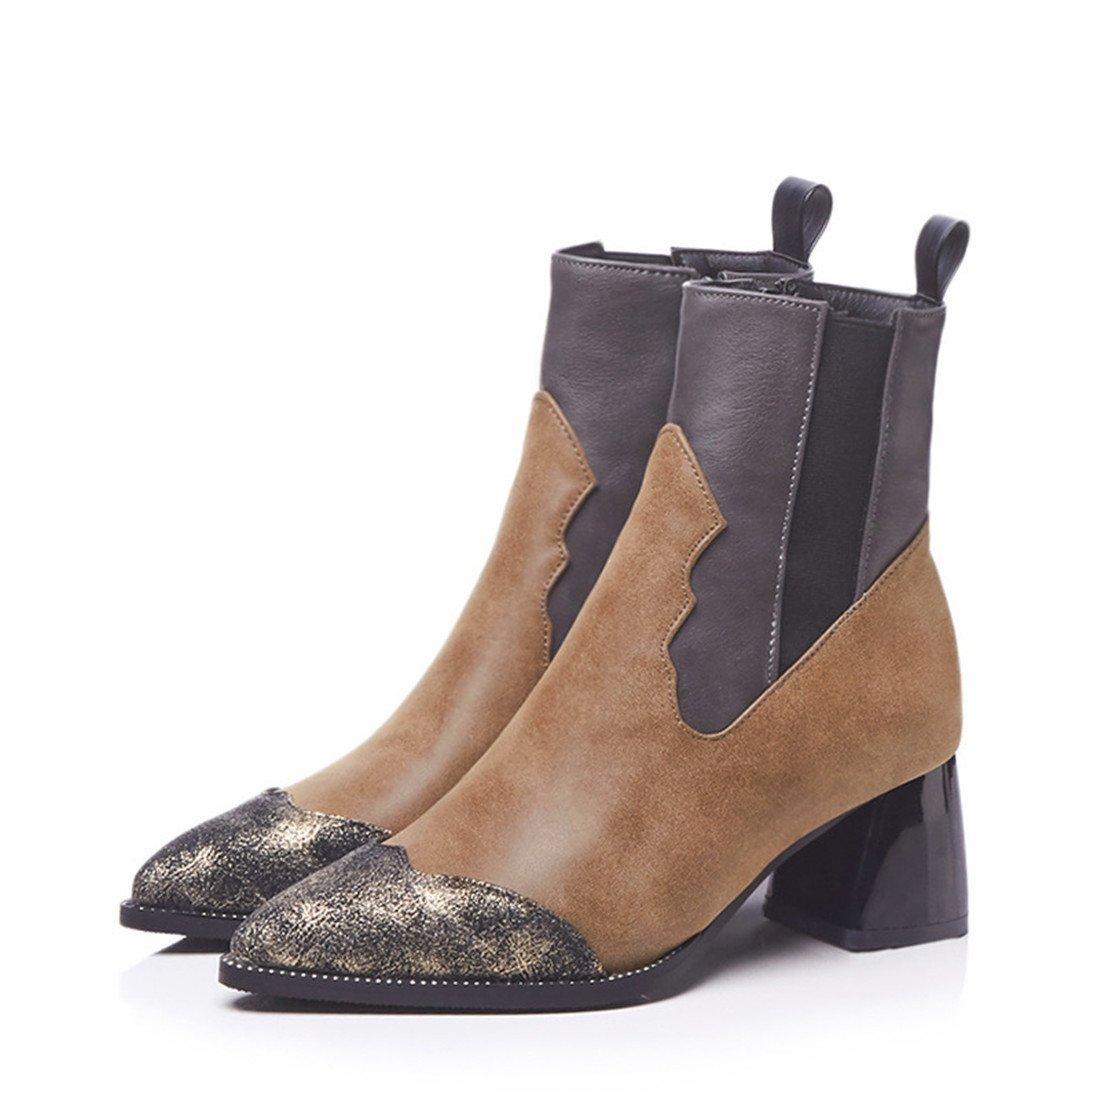 8751b427c5b141 sandalette dede américaine et européenne, avec des bottes pointues pointues  pointues et des bottes.b07g2zfpwf parent   De La Mode 8fc283